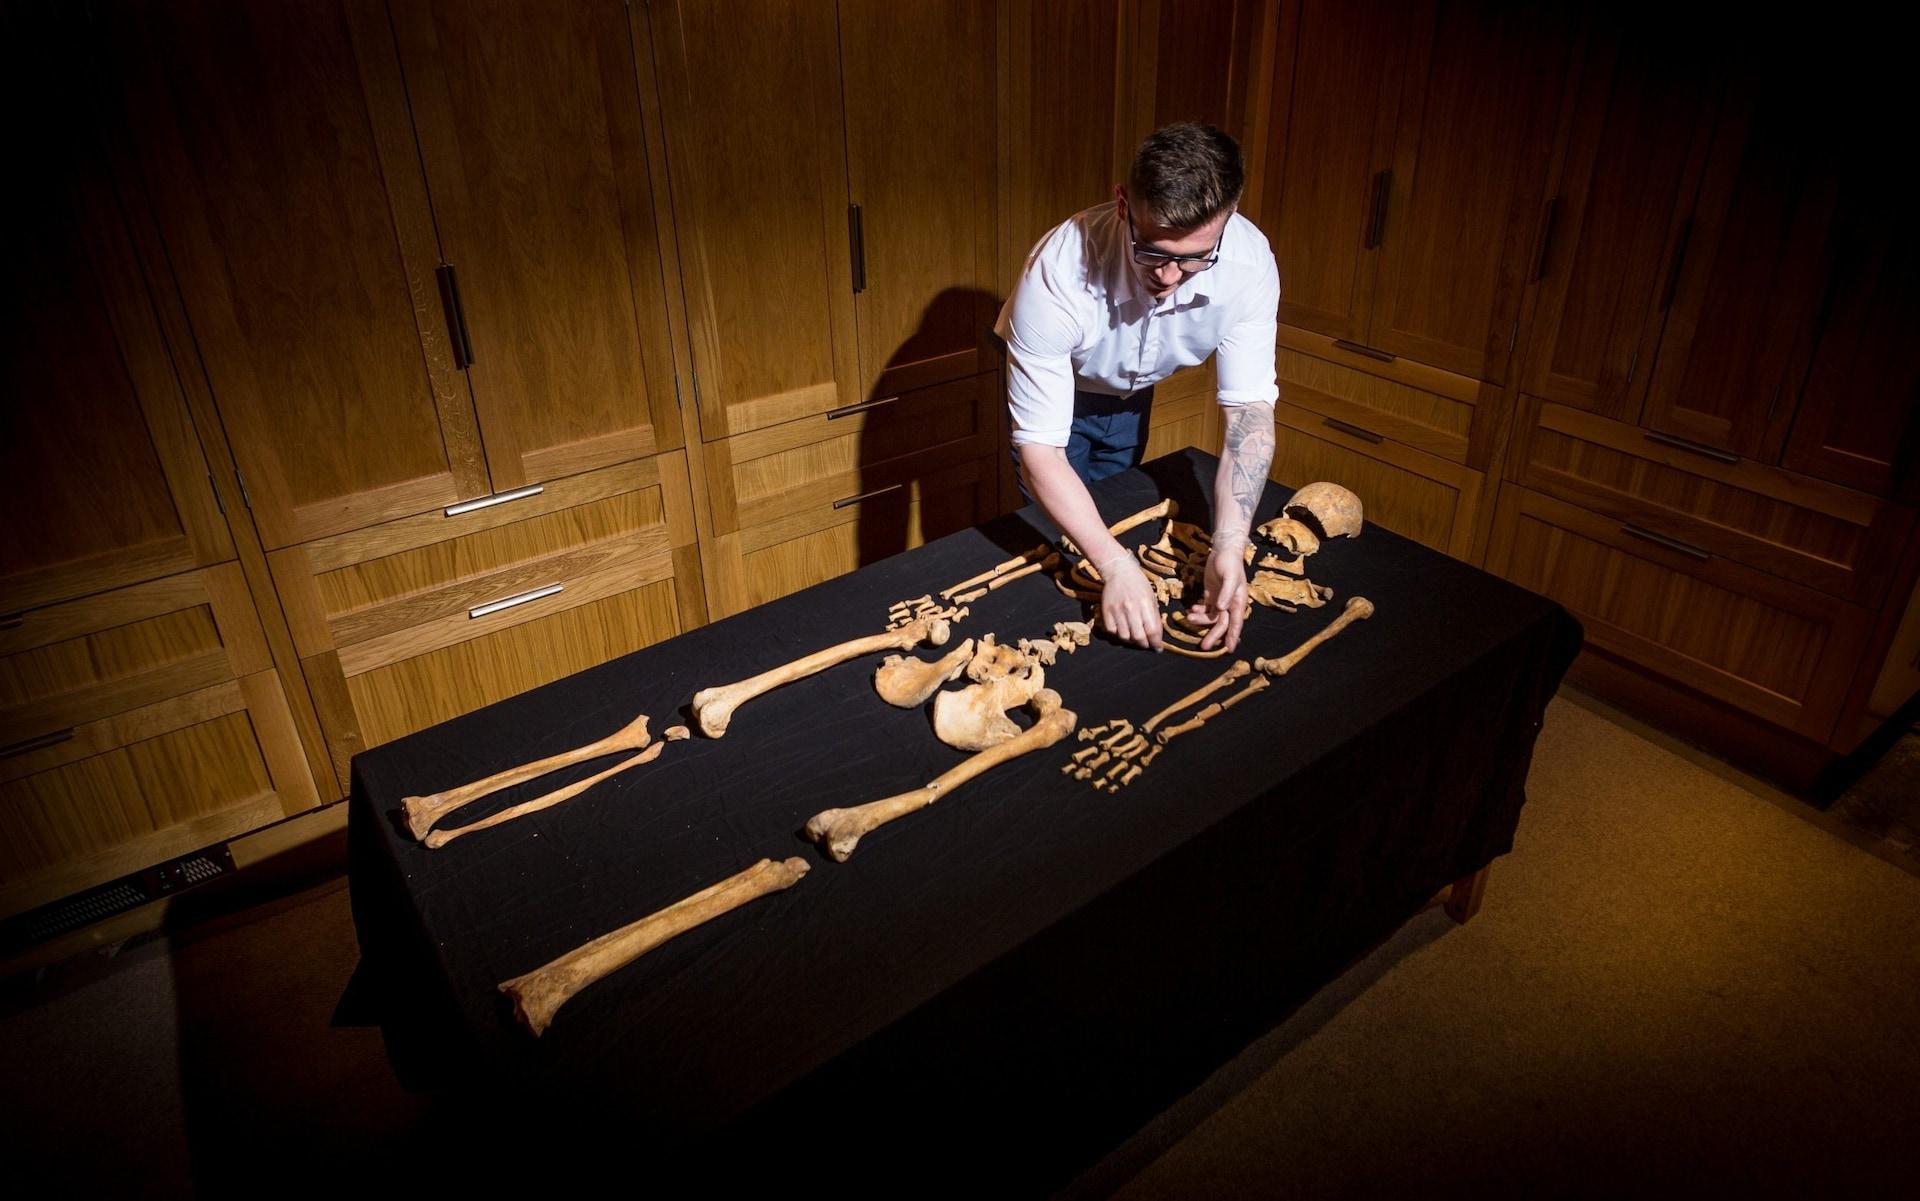 В Лондонском Тауэре впервые за полвека обнаружили человеческие скелеты